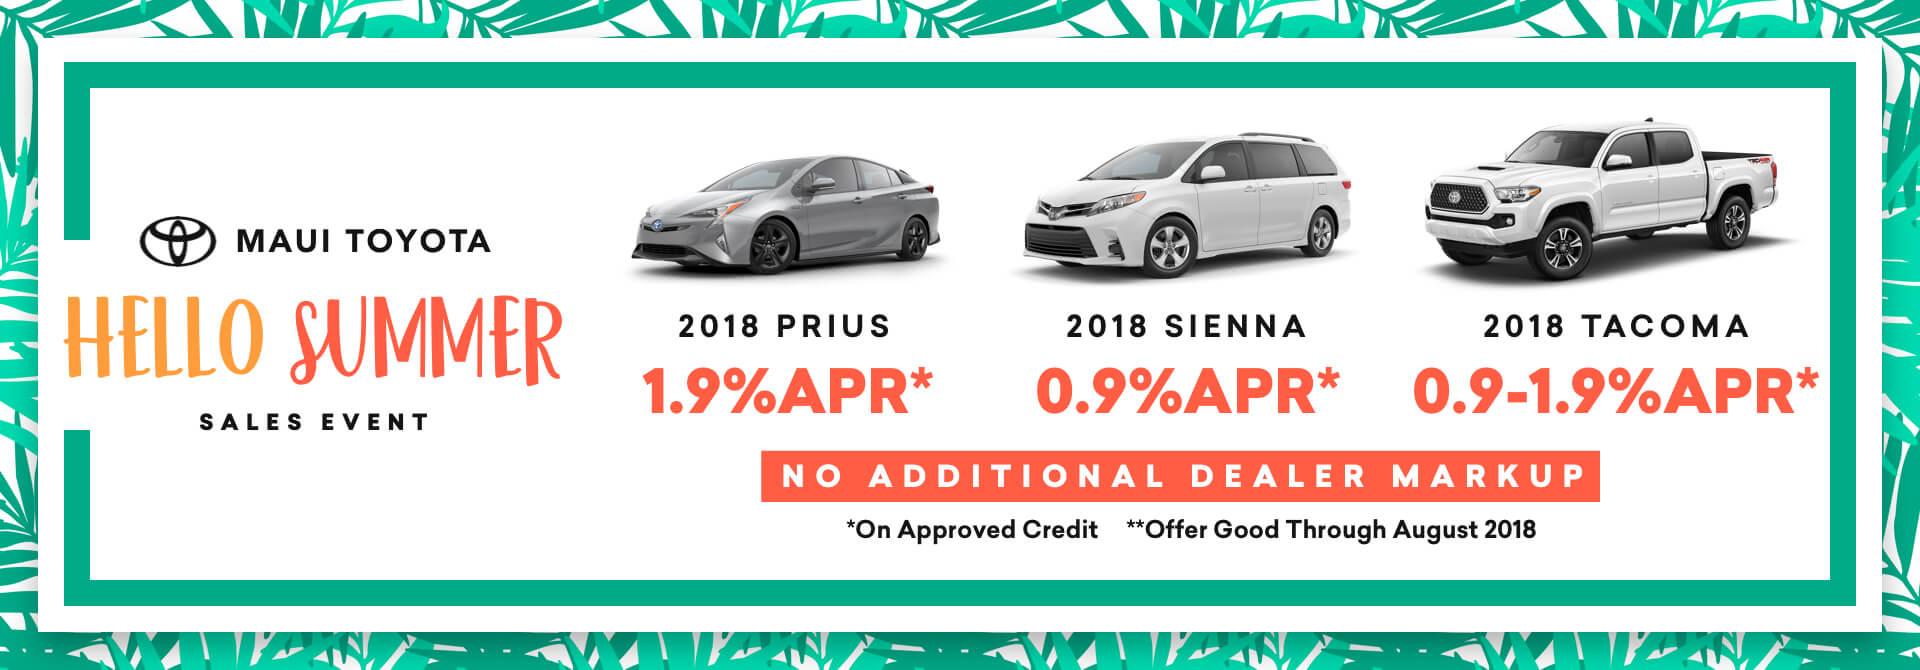 Maui Toyota July 2018